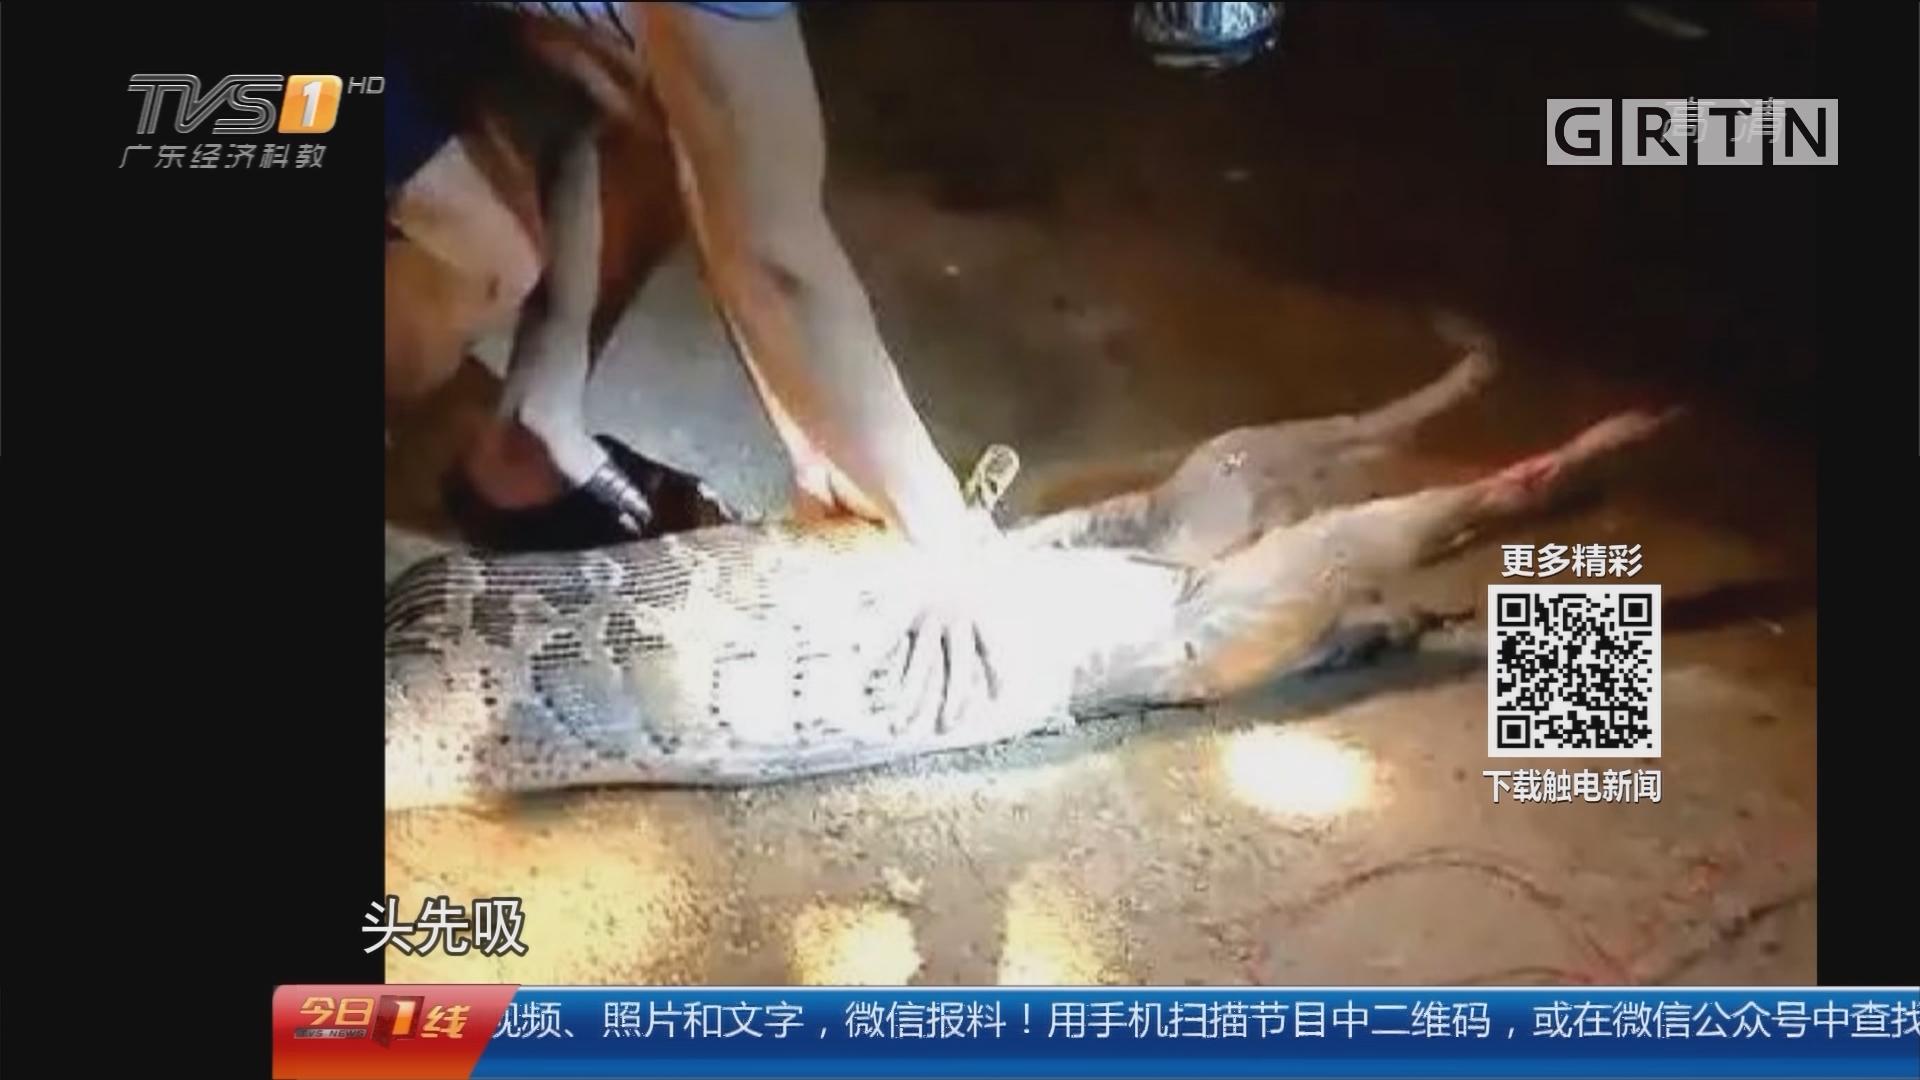 梅州:40斤蟒蛇进村 一口生吞狗